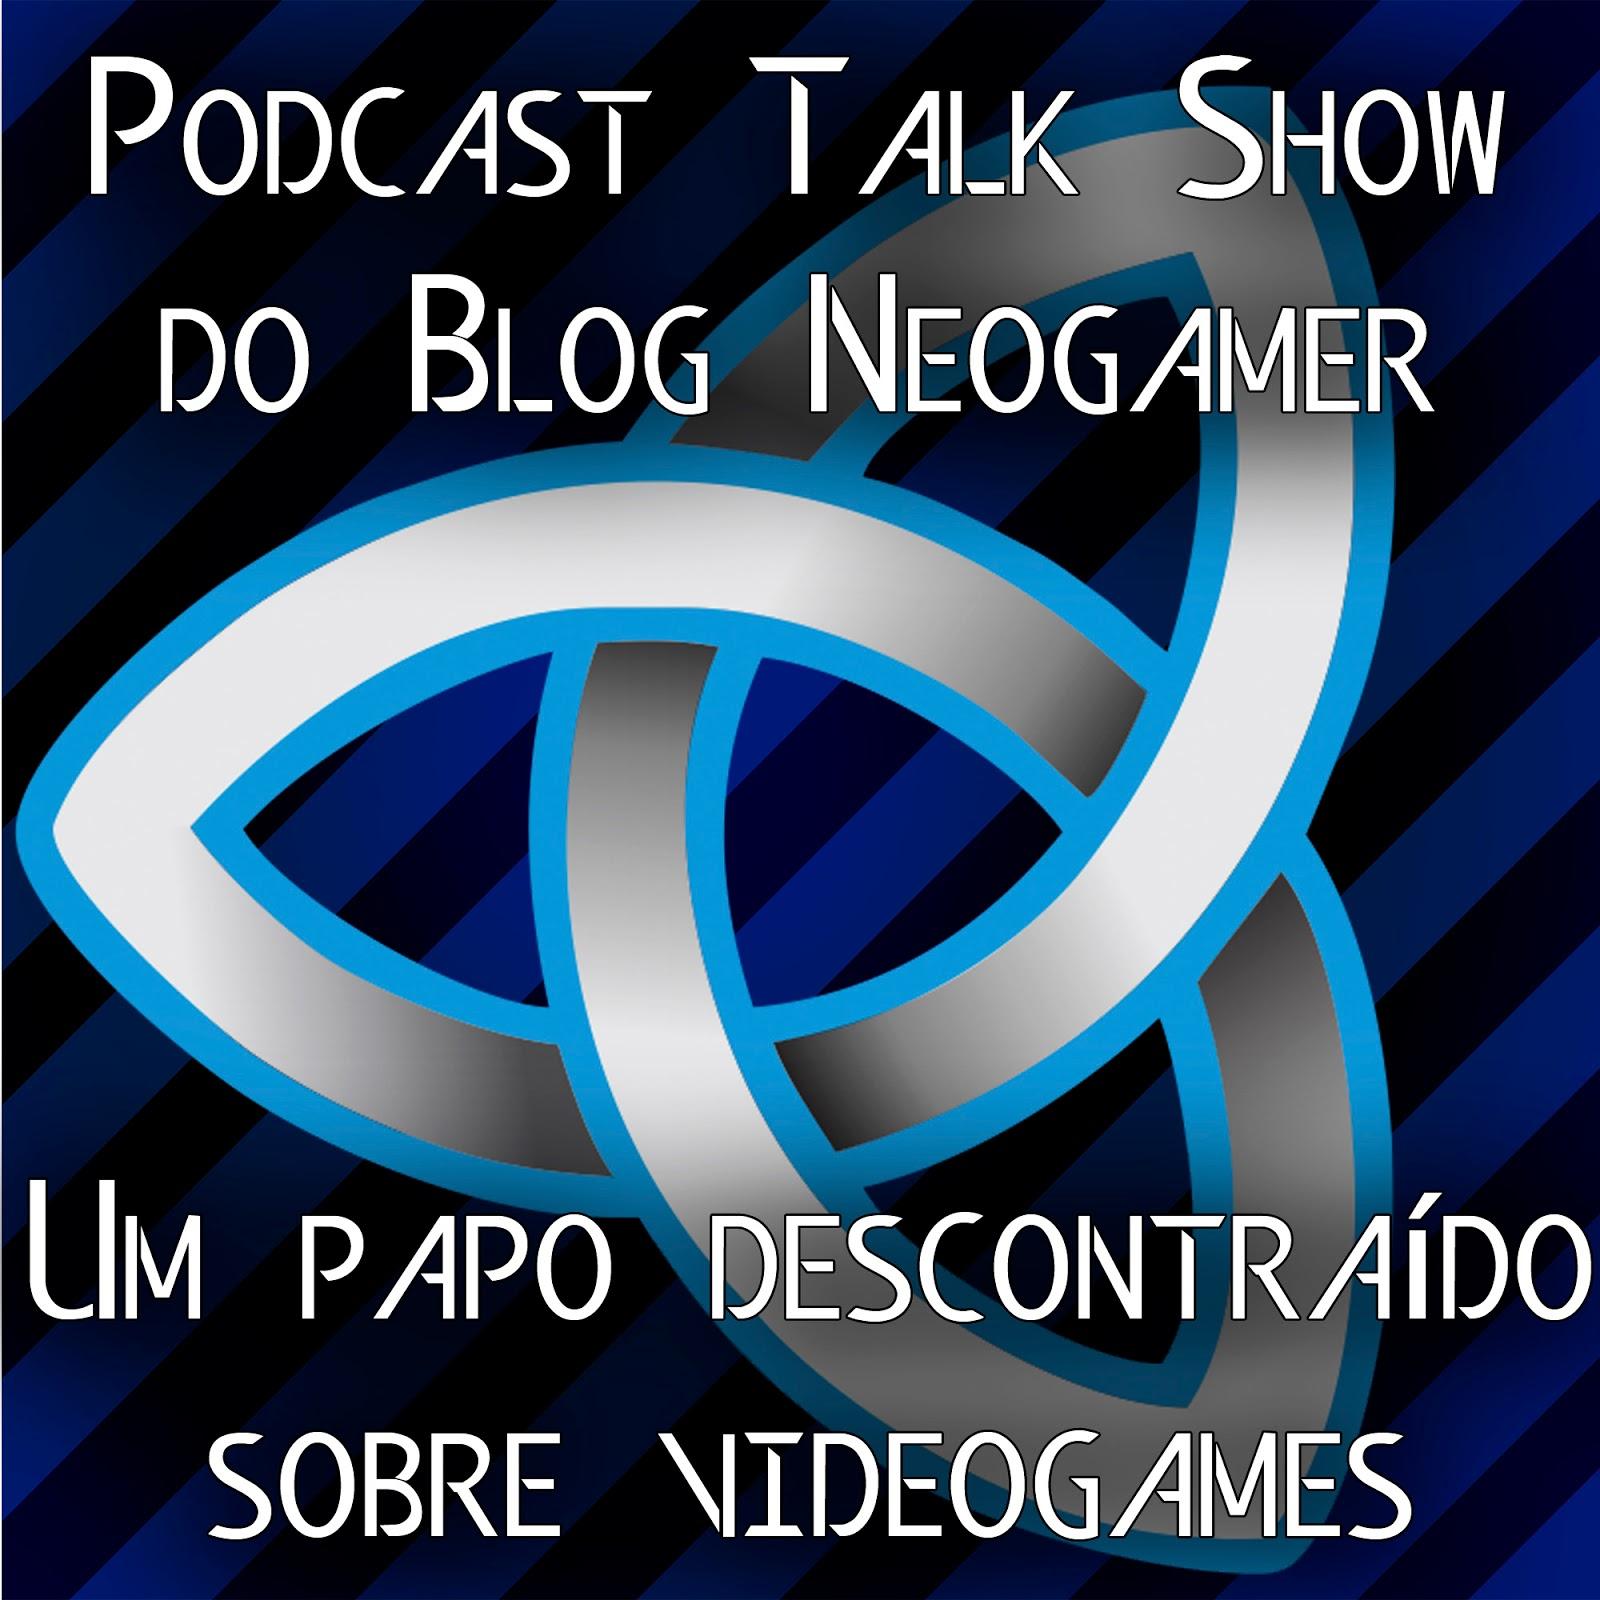 Talk Show do Blog NeoGamer